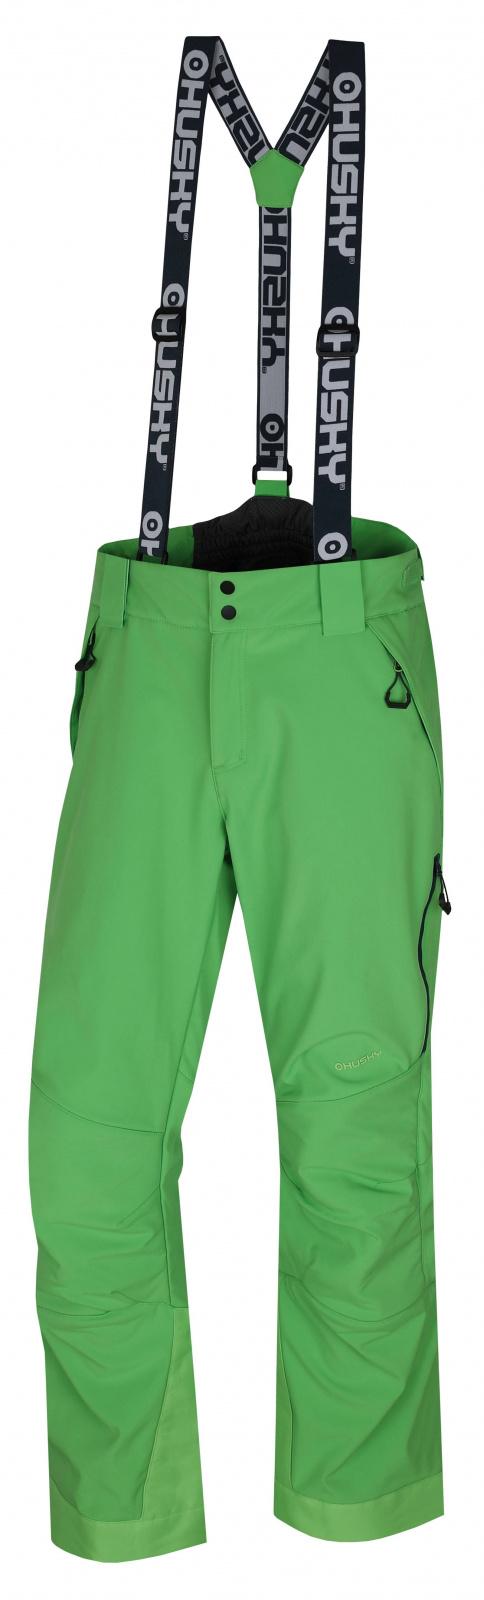 Husky Galti M XL, sv. zelená Pánské lyžařské kalhoty